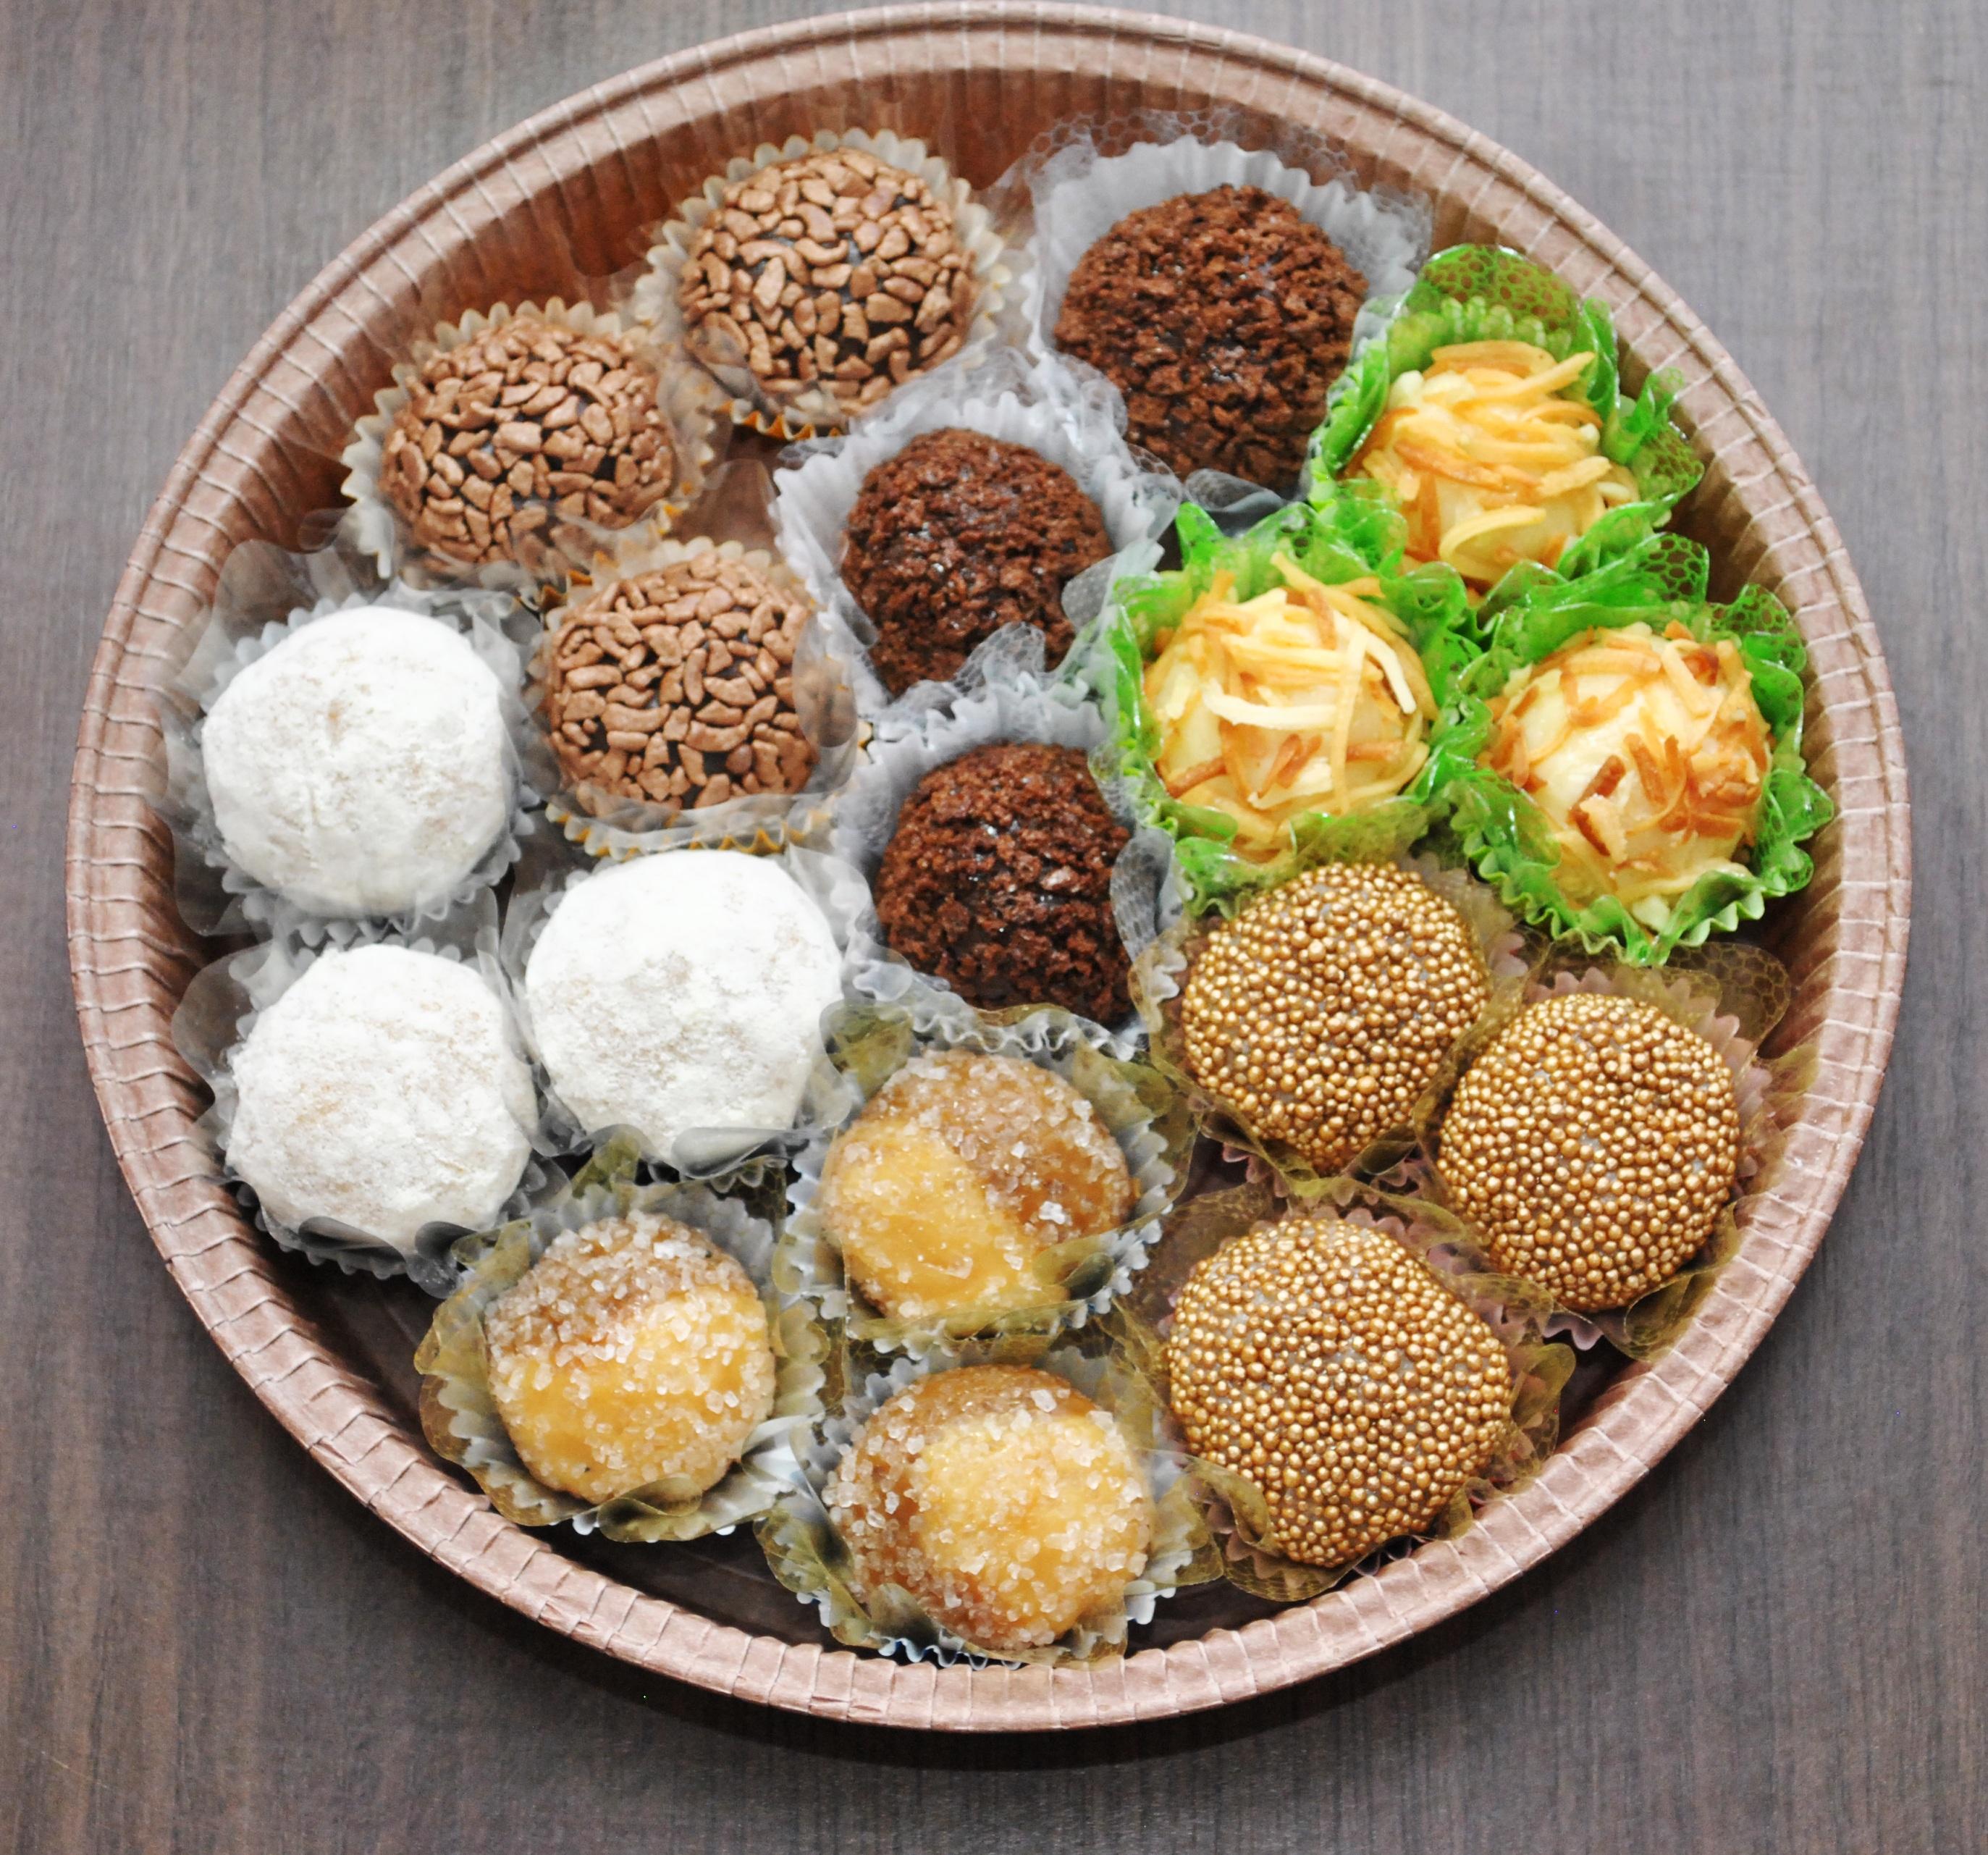 Kostenlose foto : süß, Gericht, Mahlzeit, Lebensmittel ...